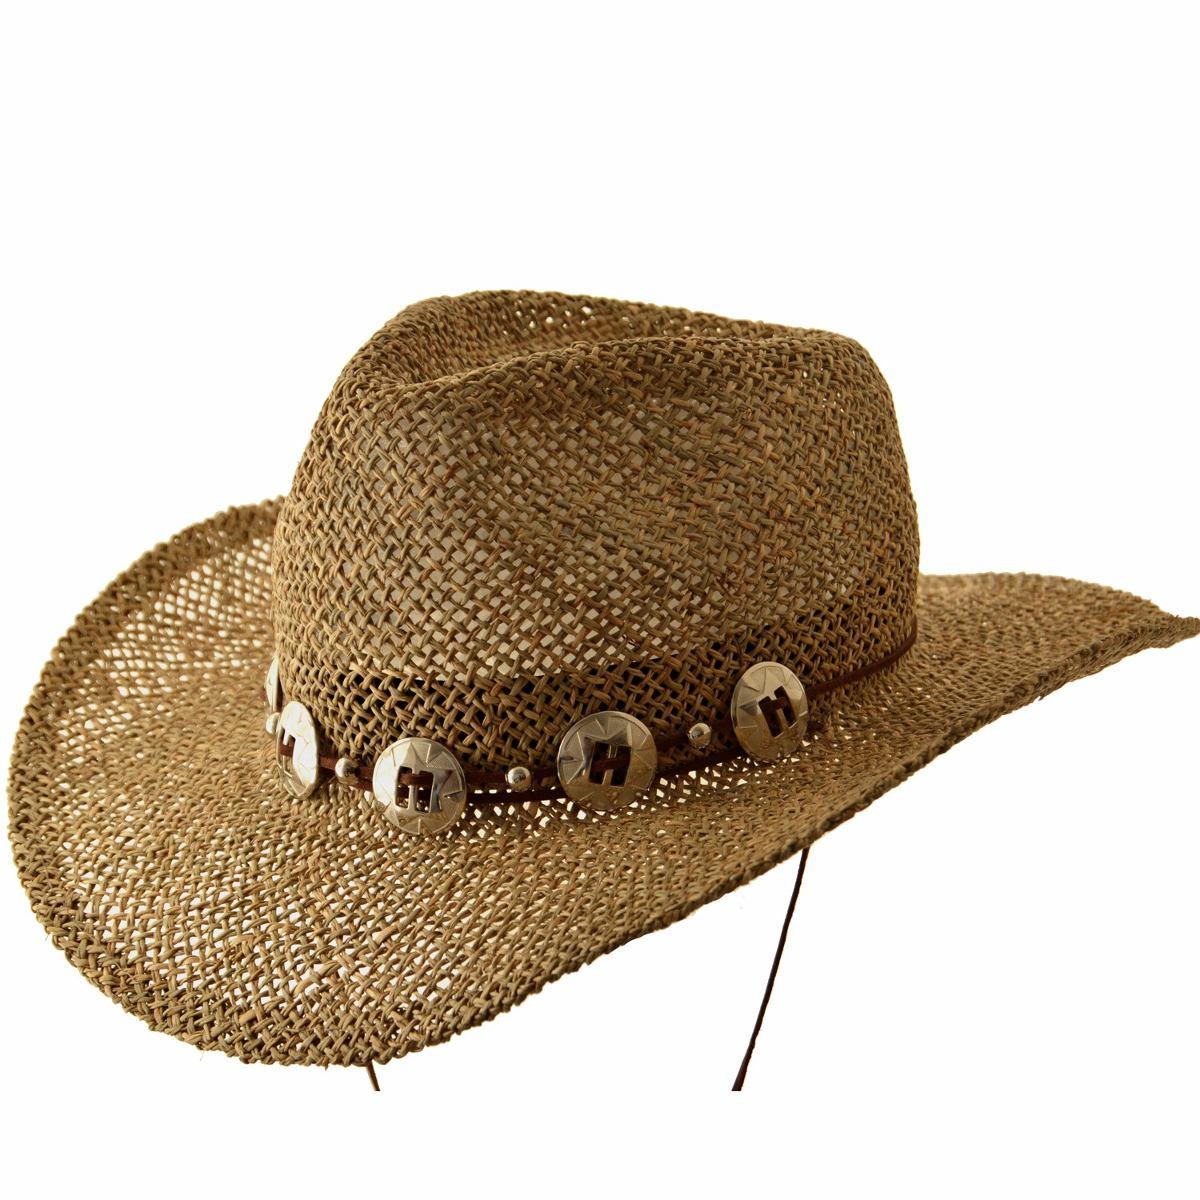 Sombrero Cowboy Yute Compañía De Sombreros M623059 -   752 3672158e4c5